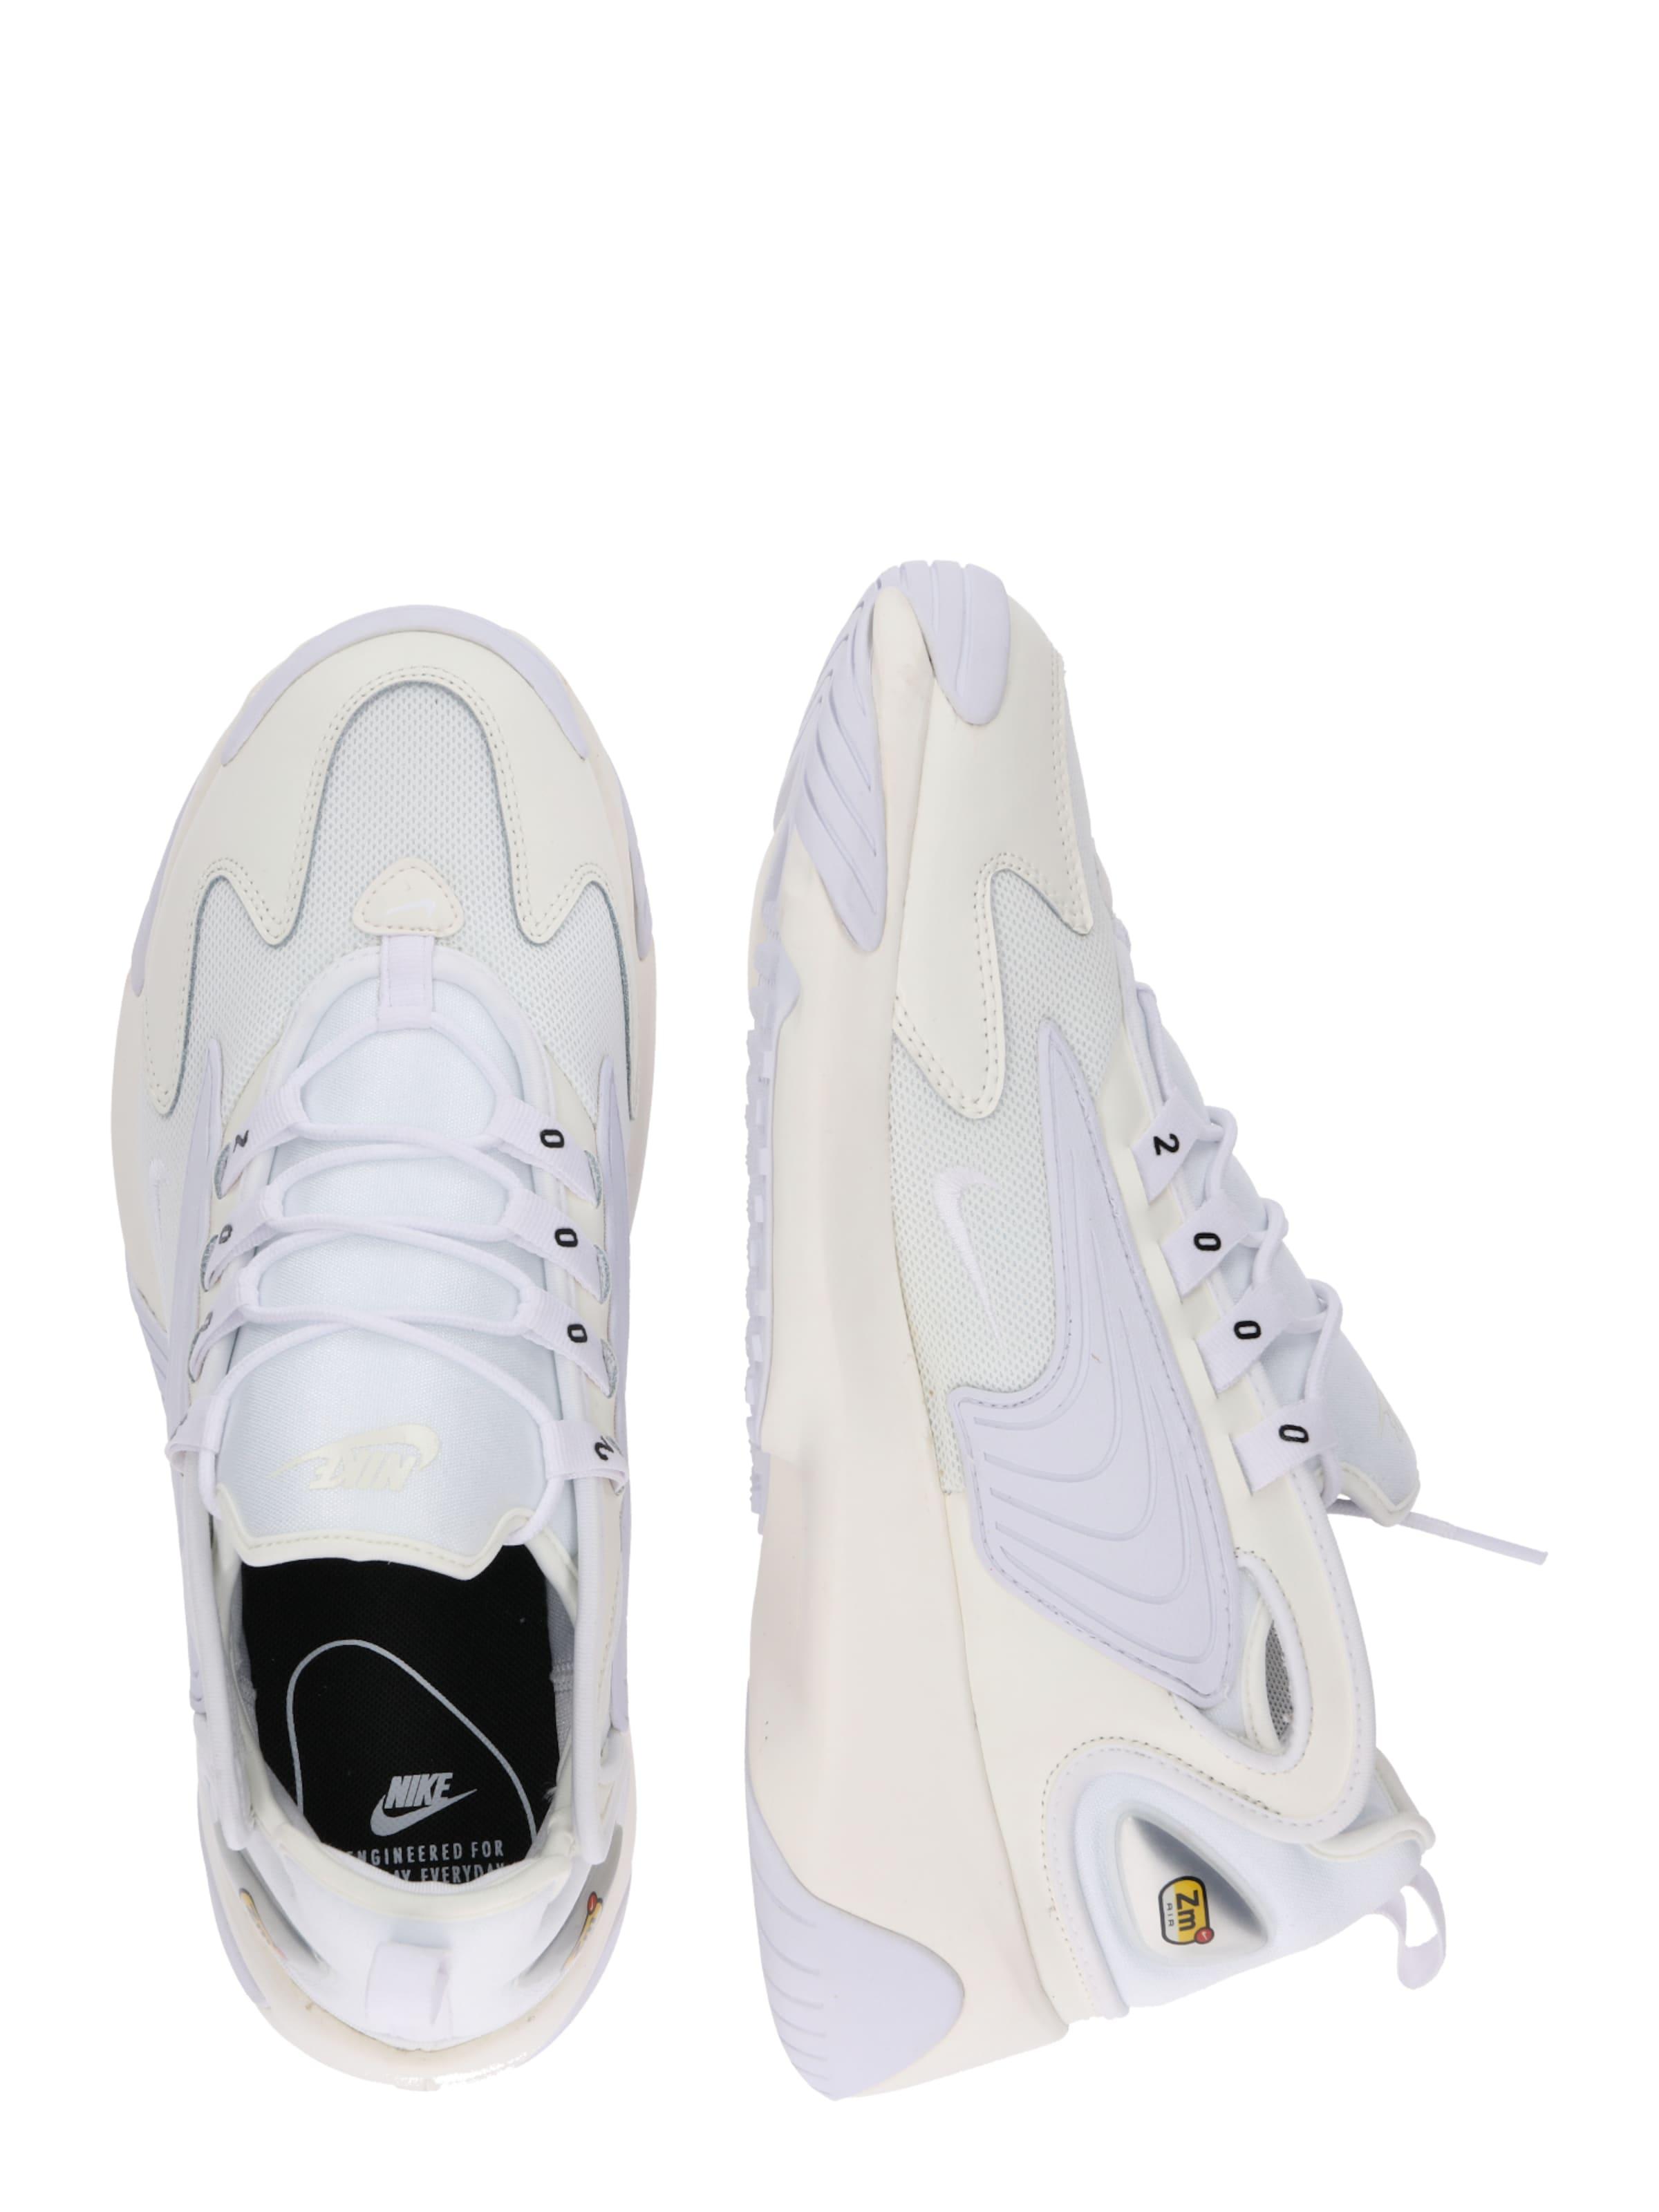 Zoom Weiß 'nike 2k' Nike Sneaker Sportswear In uFl1cTKJ3